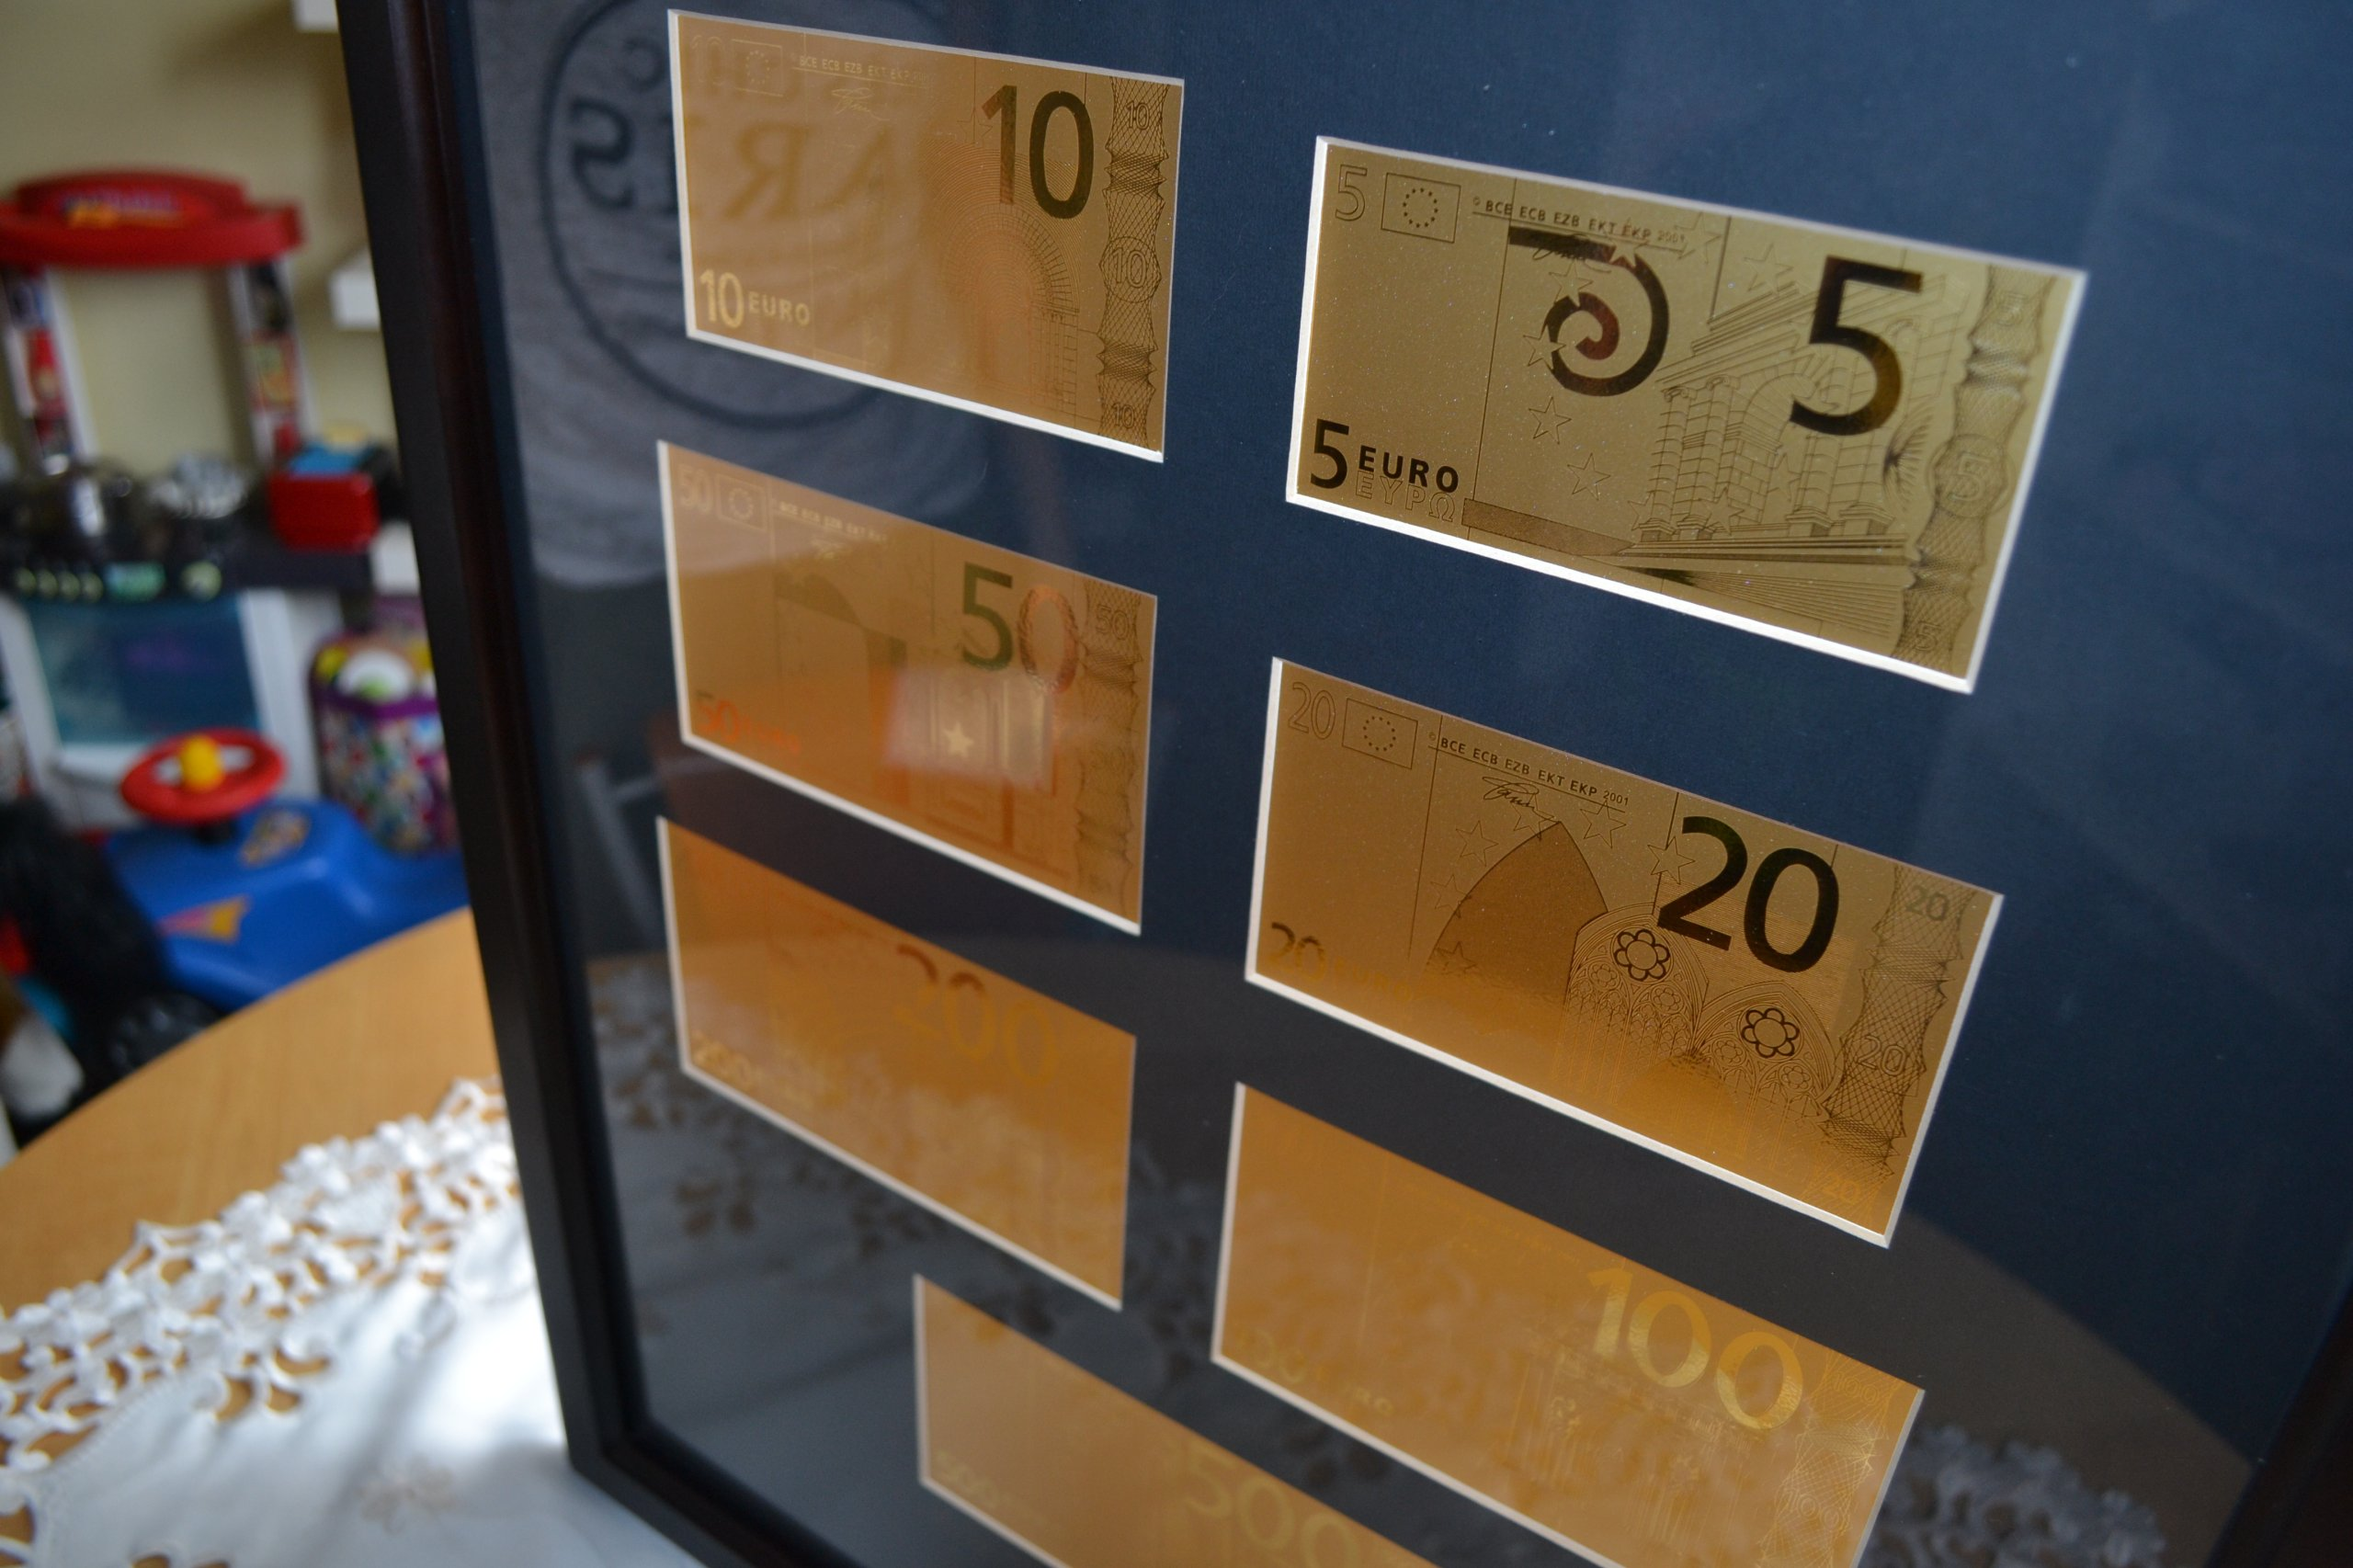 Kolekcja EURO od najmniejszego nominału